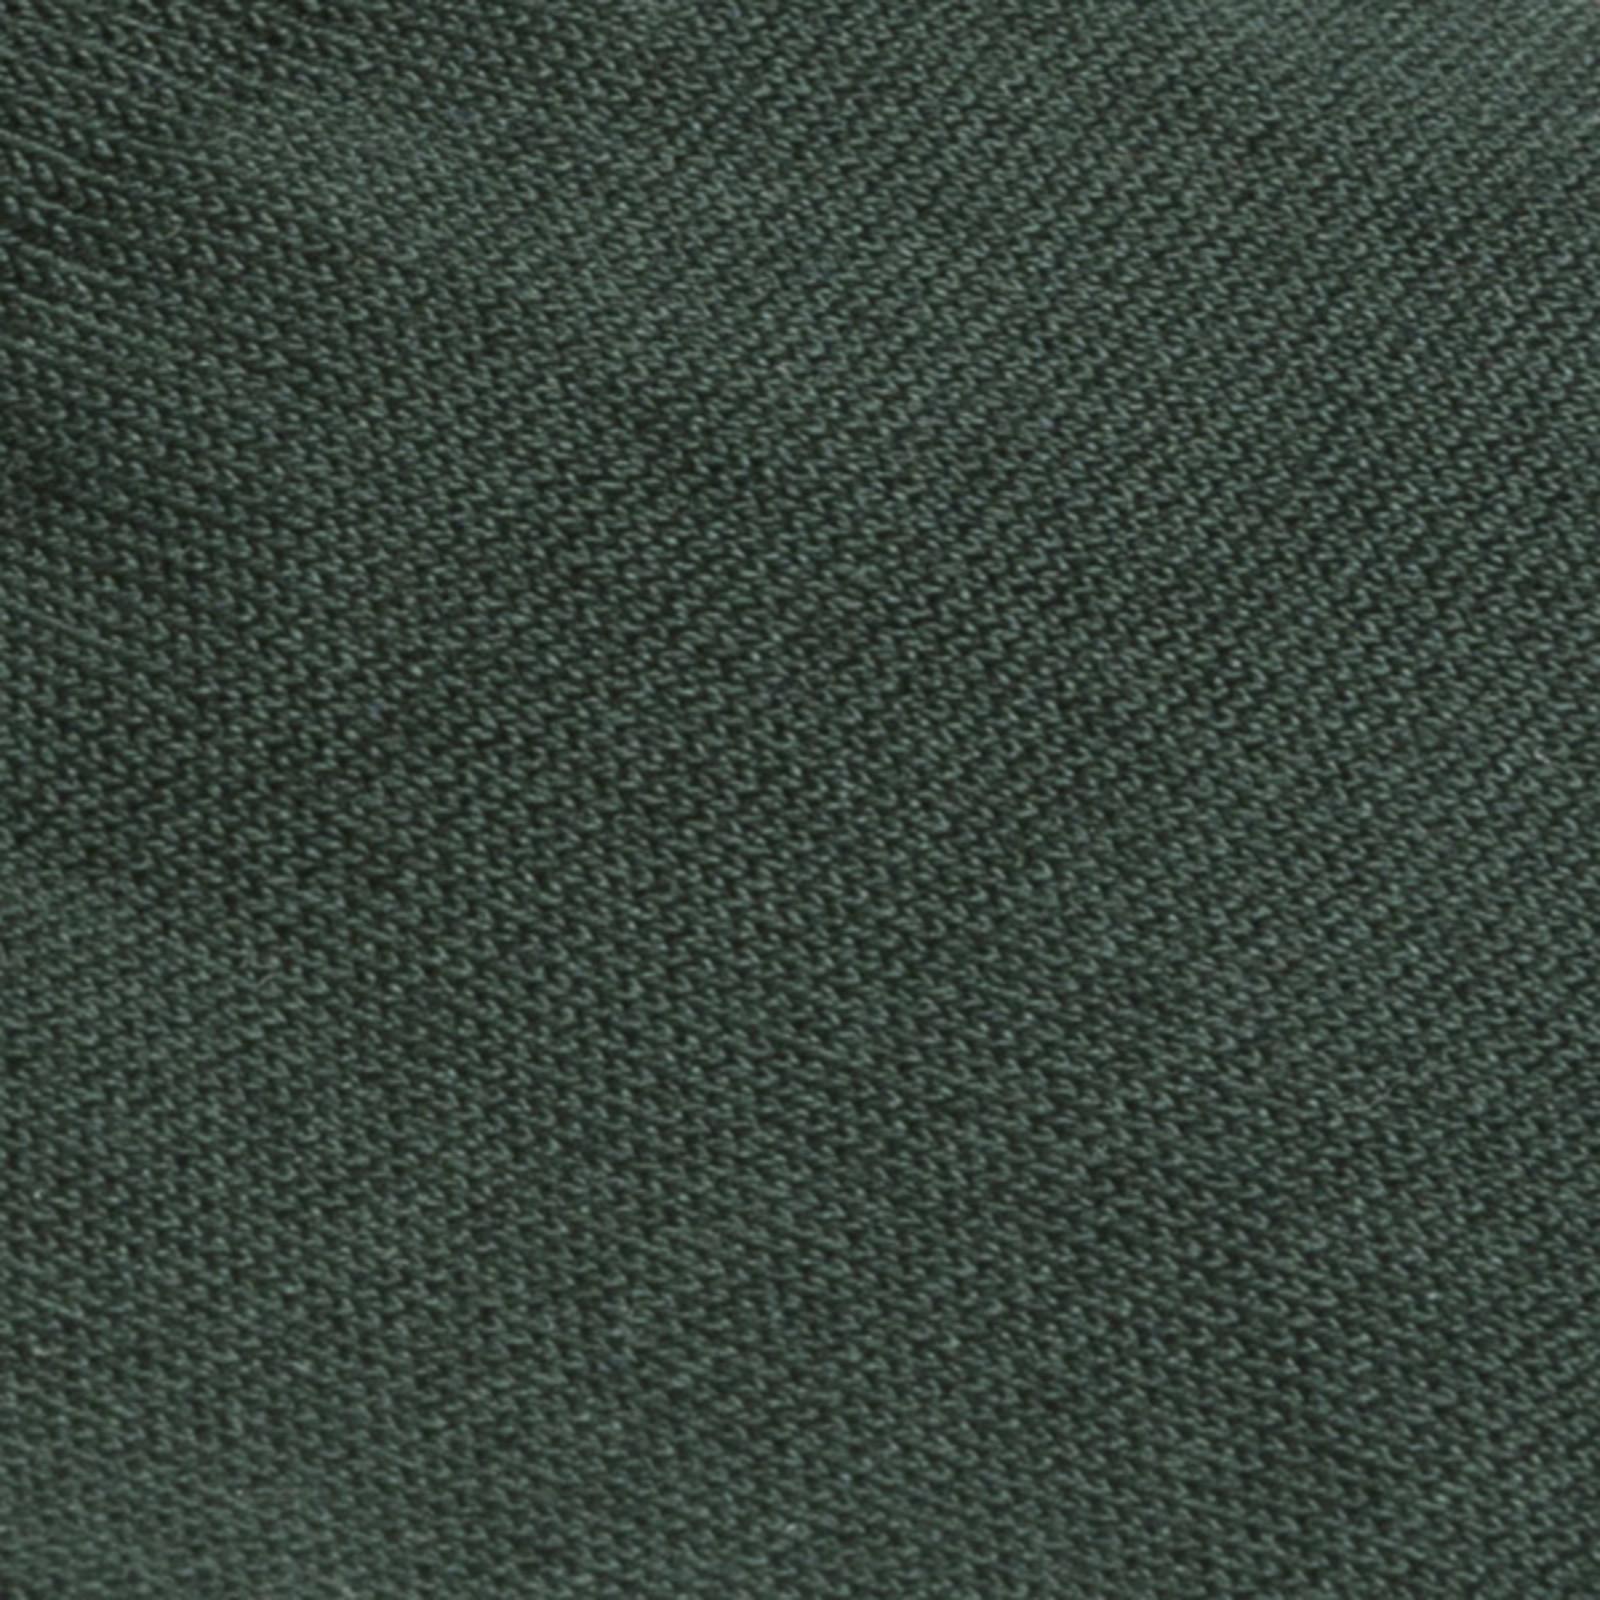 Carlo Lanza  Flaschengrünen Socken Baumwolle